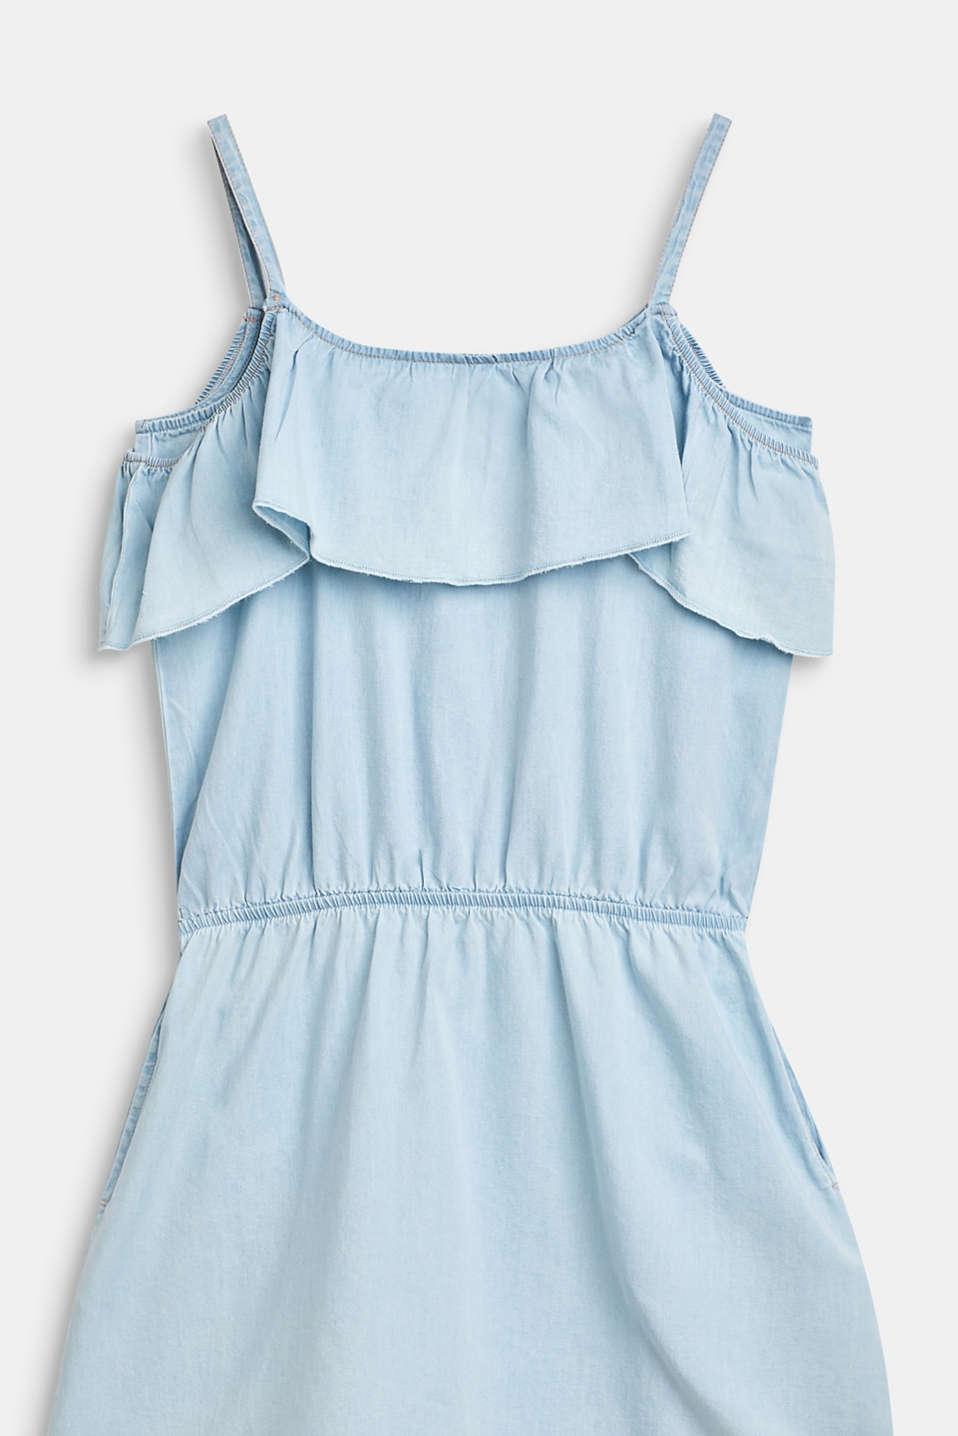 Dresses denim, LCBLUE LIGHT WAS, detail image number 2